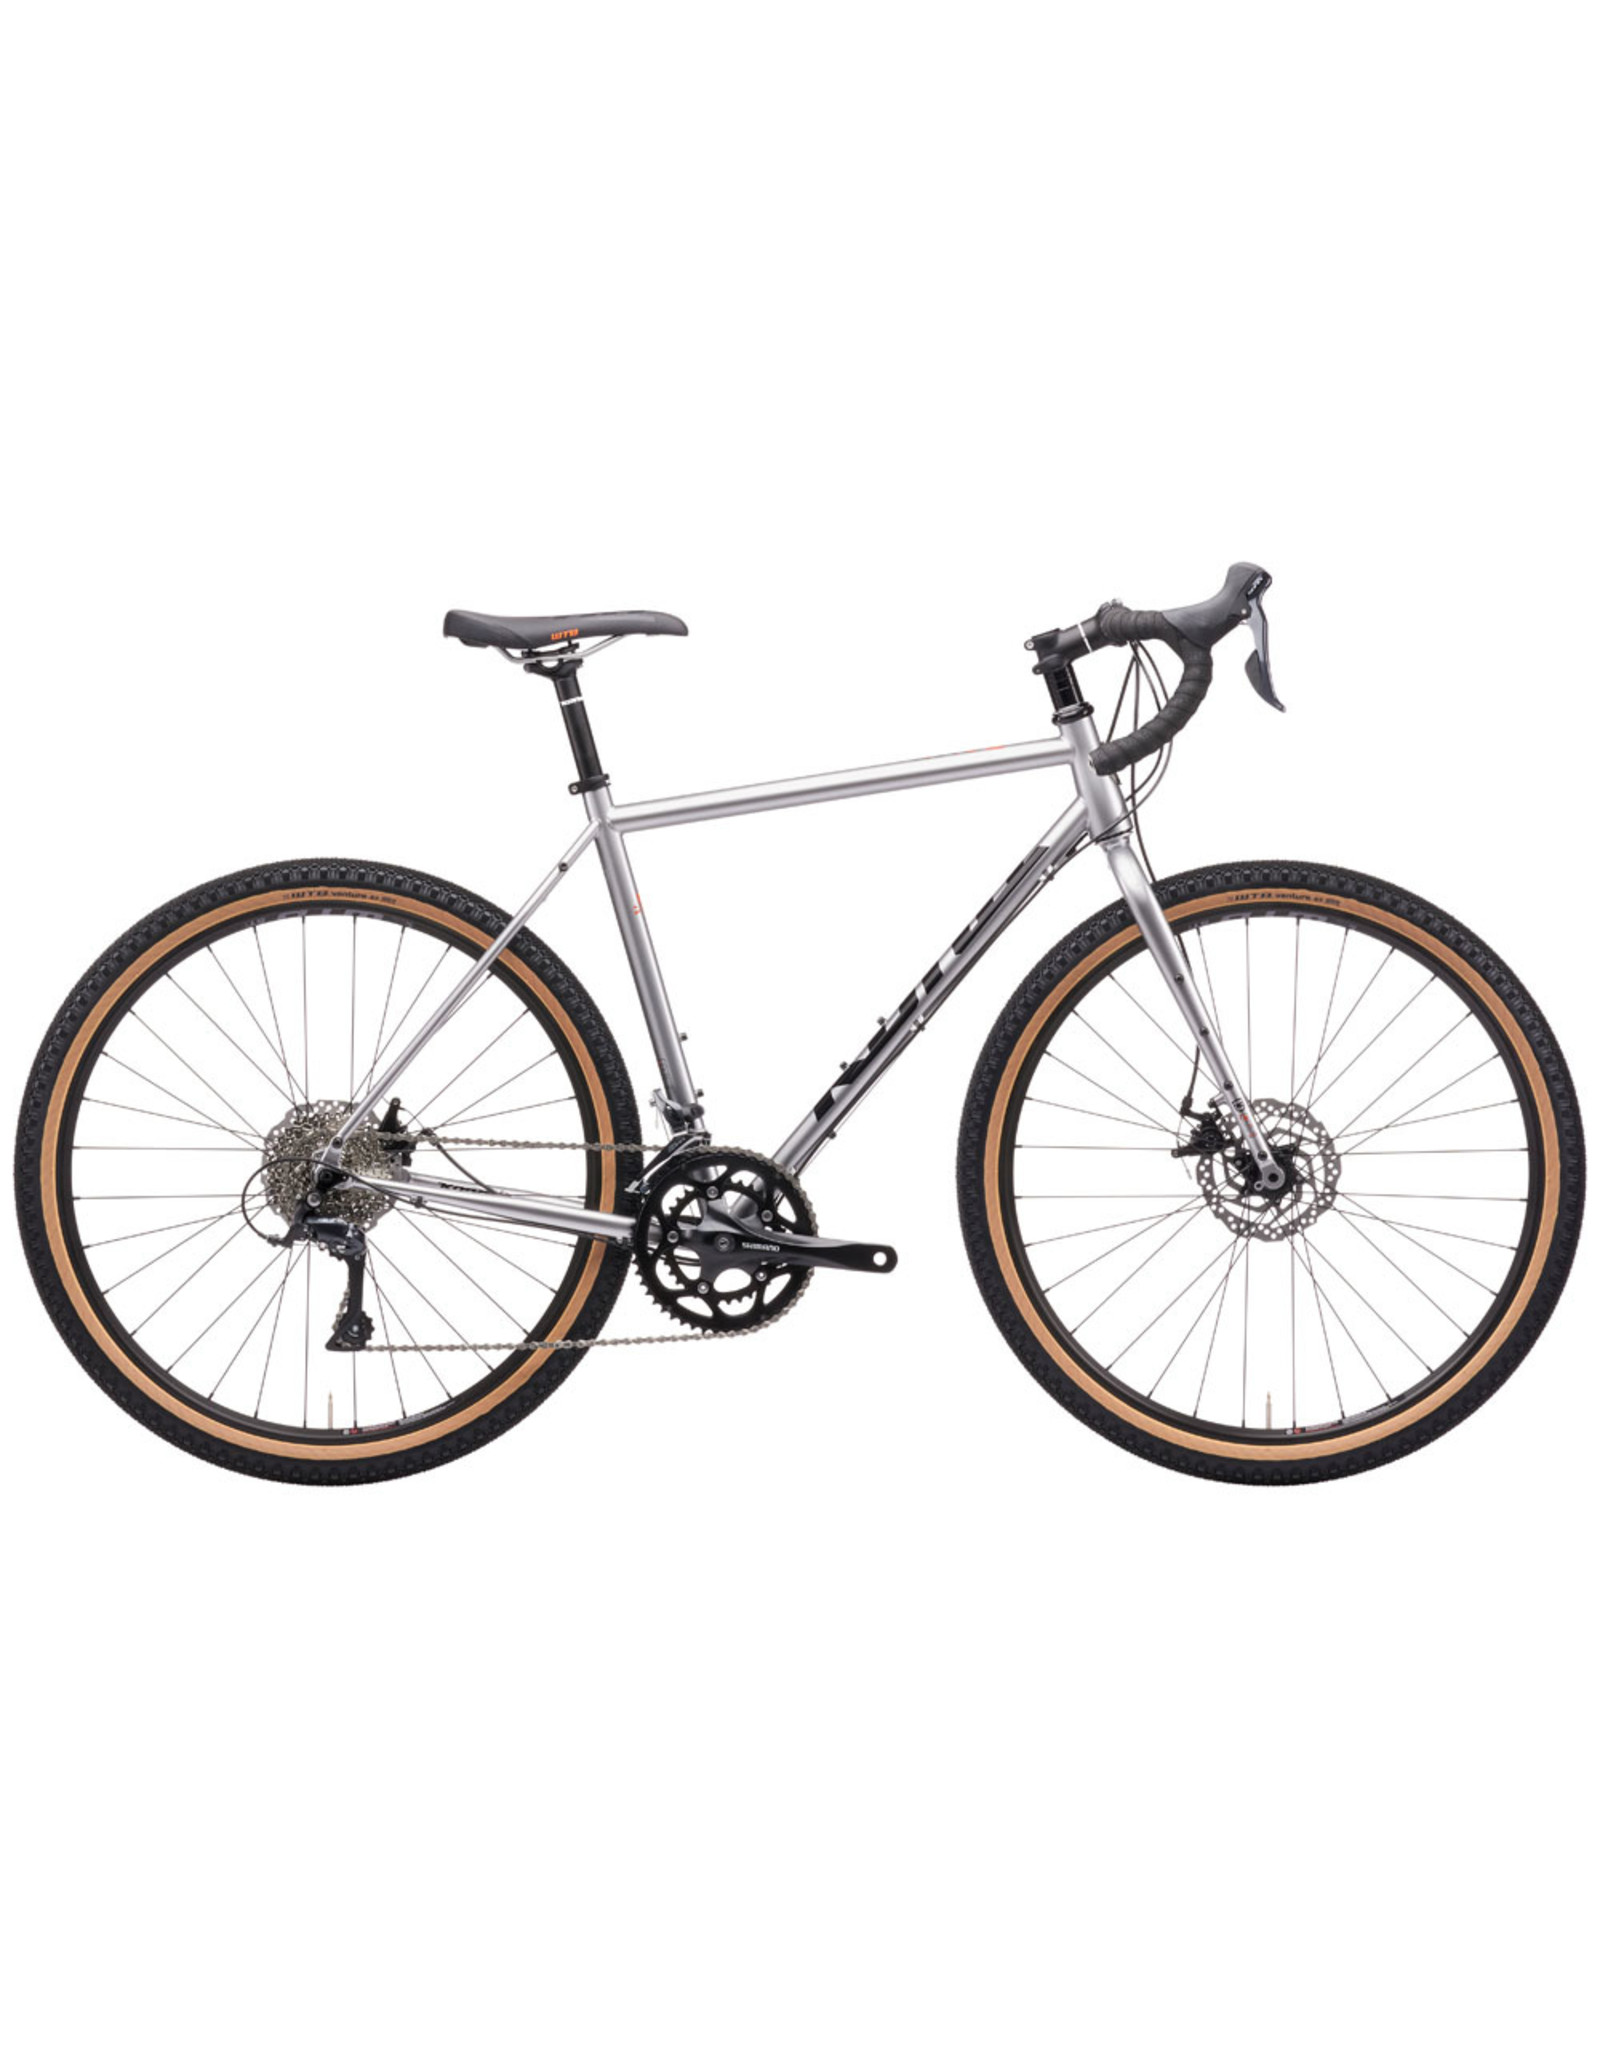 2021 rove, silver 52cm